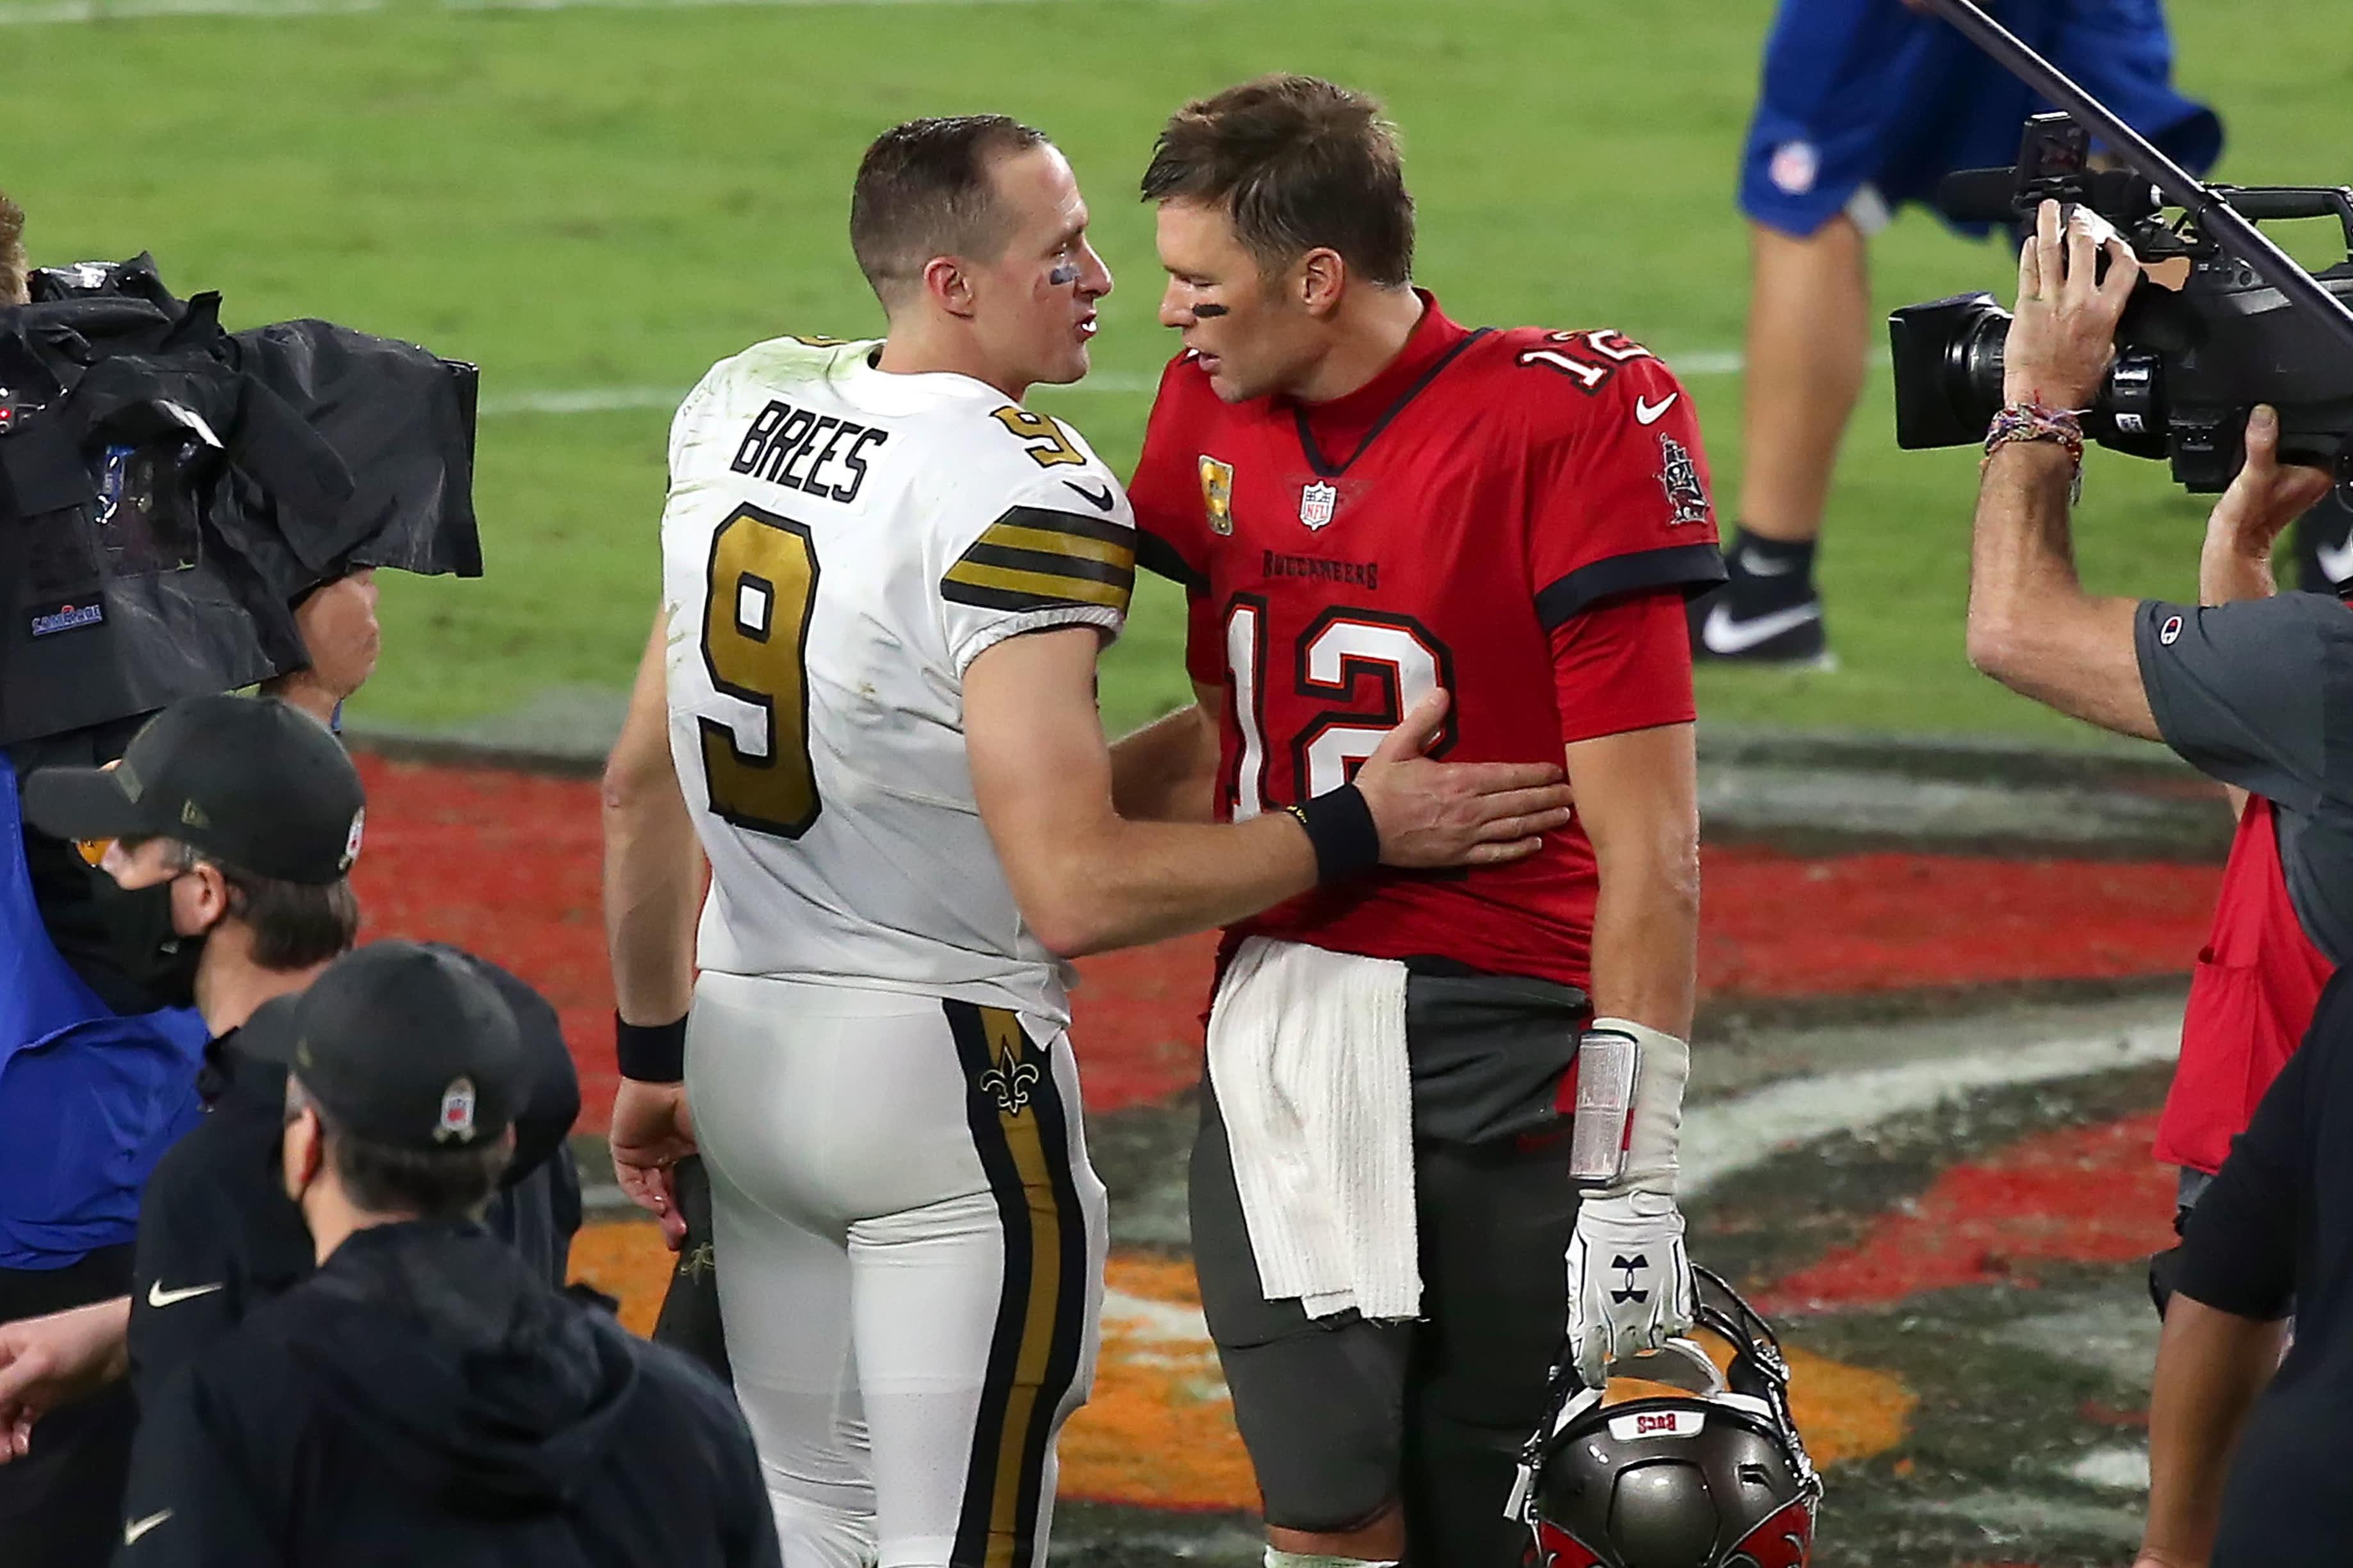 Tom Brady ja Drew Brees keskustelevat kentän laidalla ottelun jälkeen.